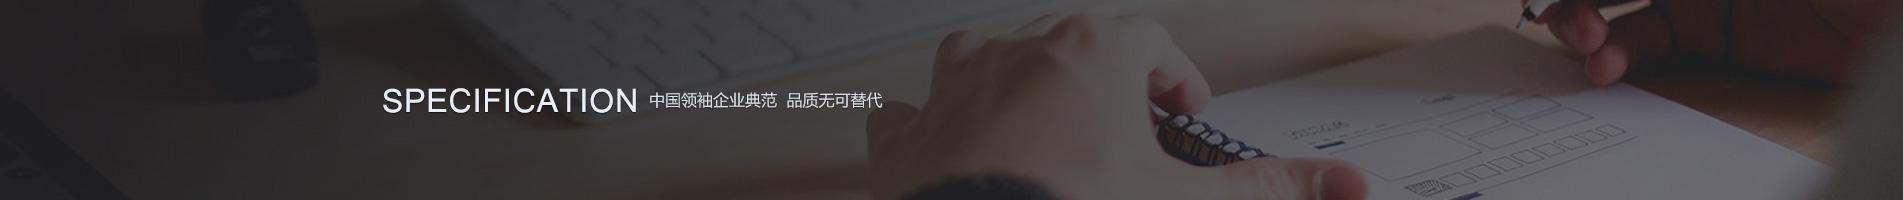 浙江伟德betvictor app旅游用品有限公司